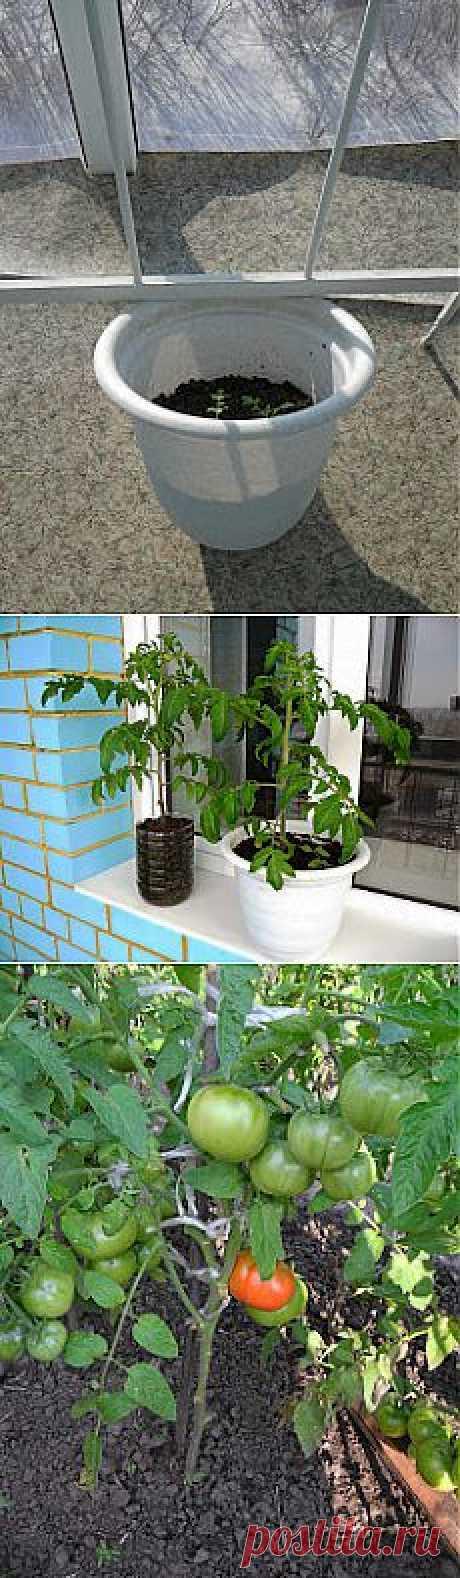 Вкусные помидоры: Ранние помидоры. Опыт выращивания.